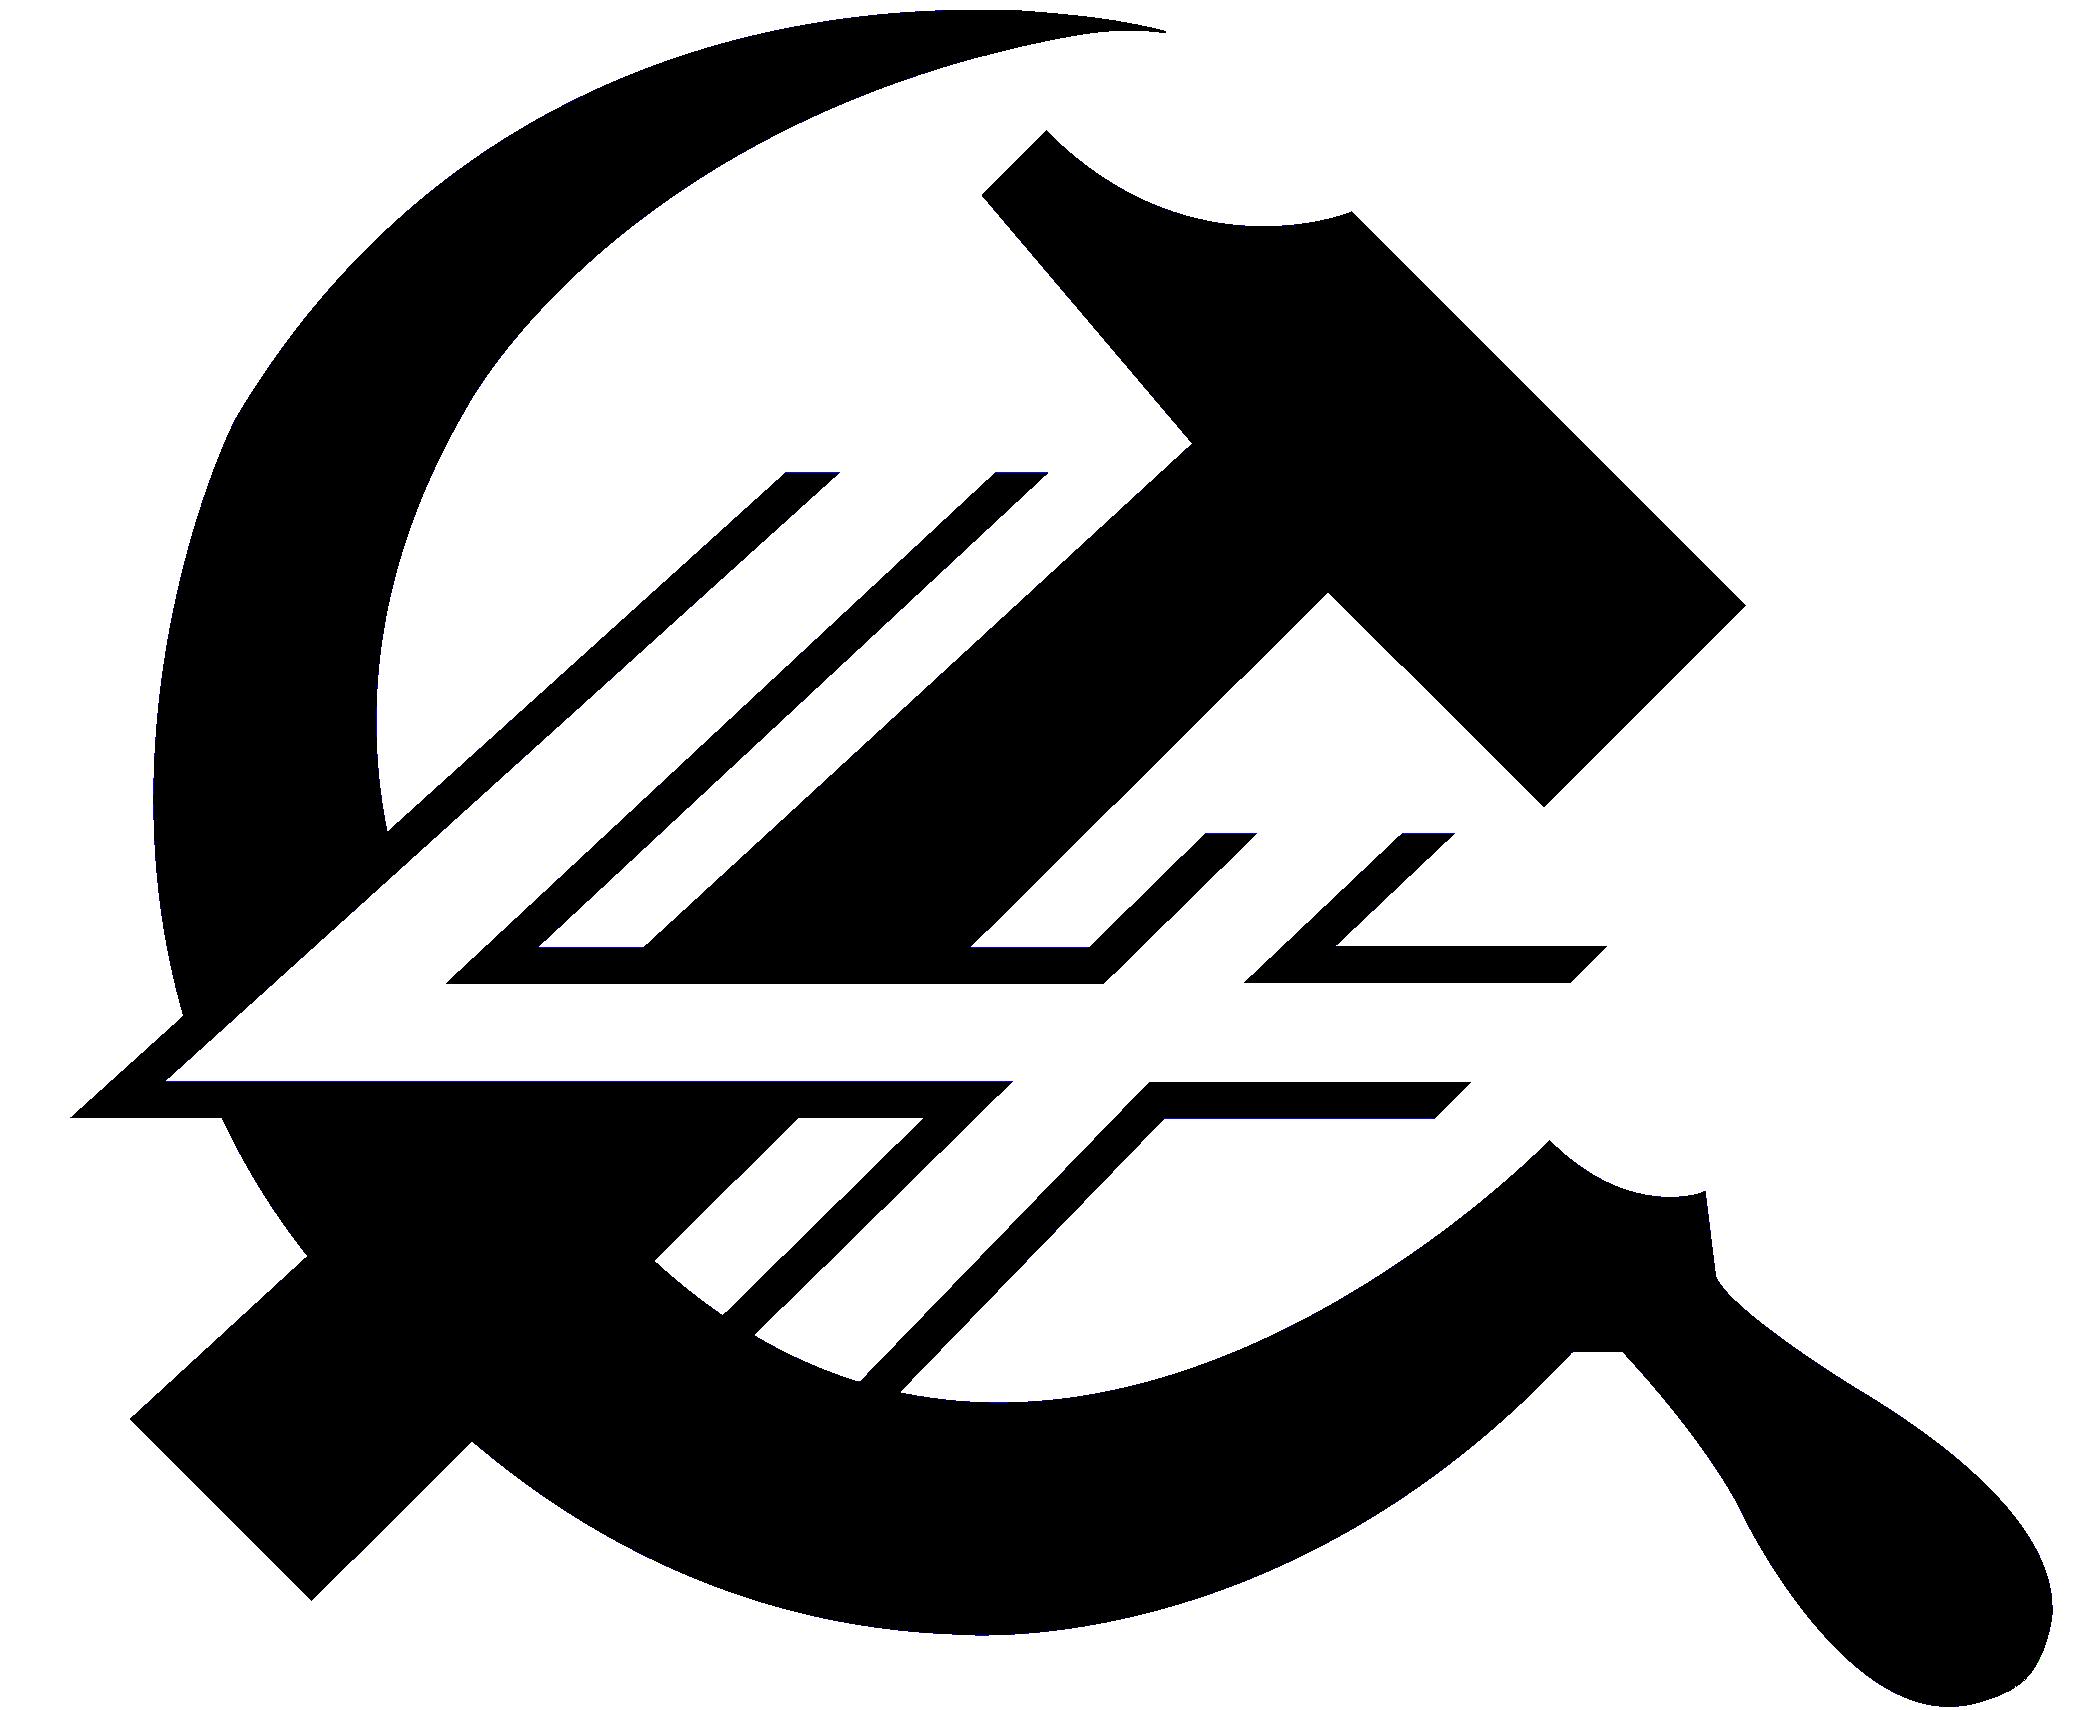 ¿qué simbolos son propios del trotskismo? Cuarta_internacional